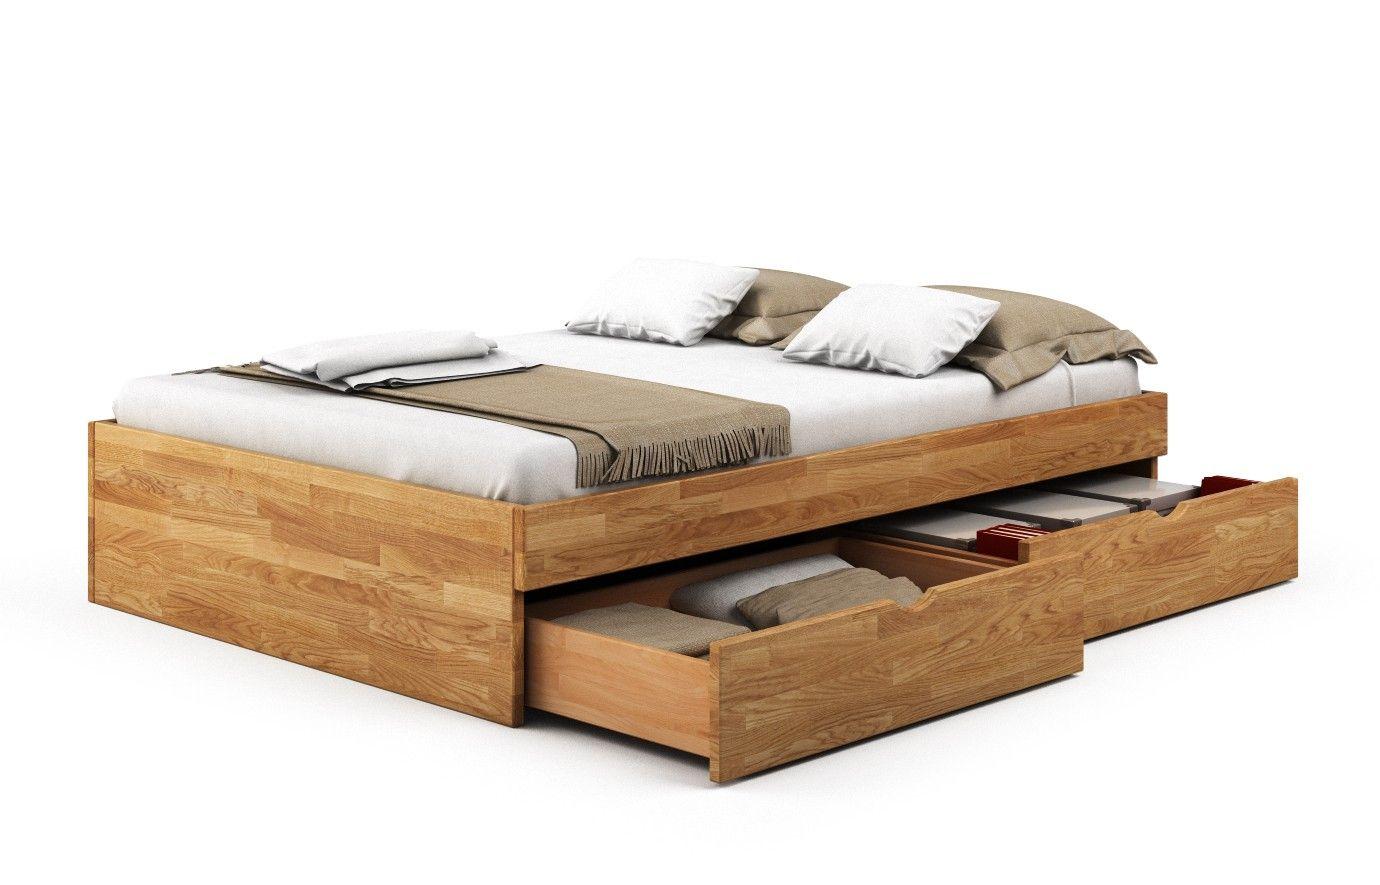 Bett Eiche Budapest Massivholz Pv 140 X 200 Cm 2 Schubkasten Einseitig Nein Bett Massivholz Bett Bett Eiche